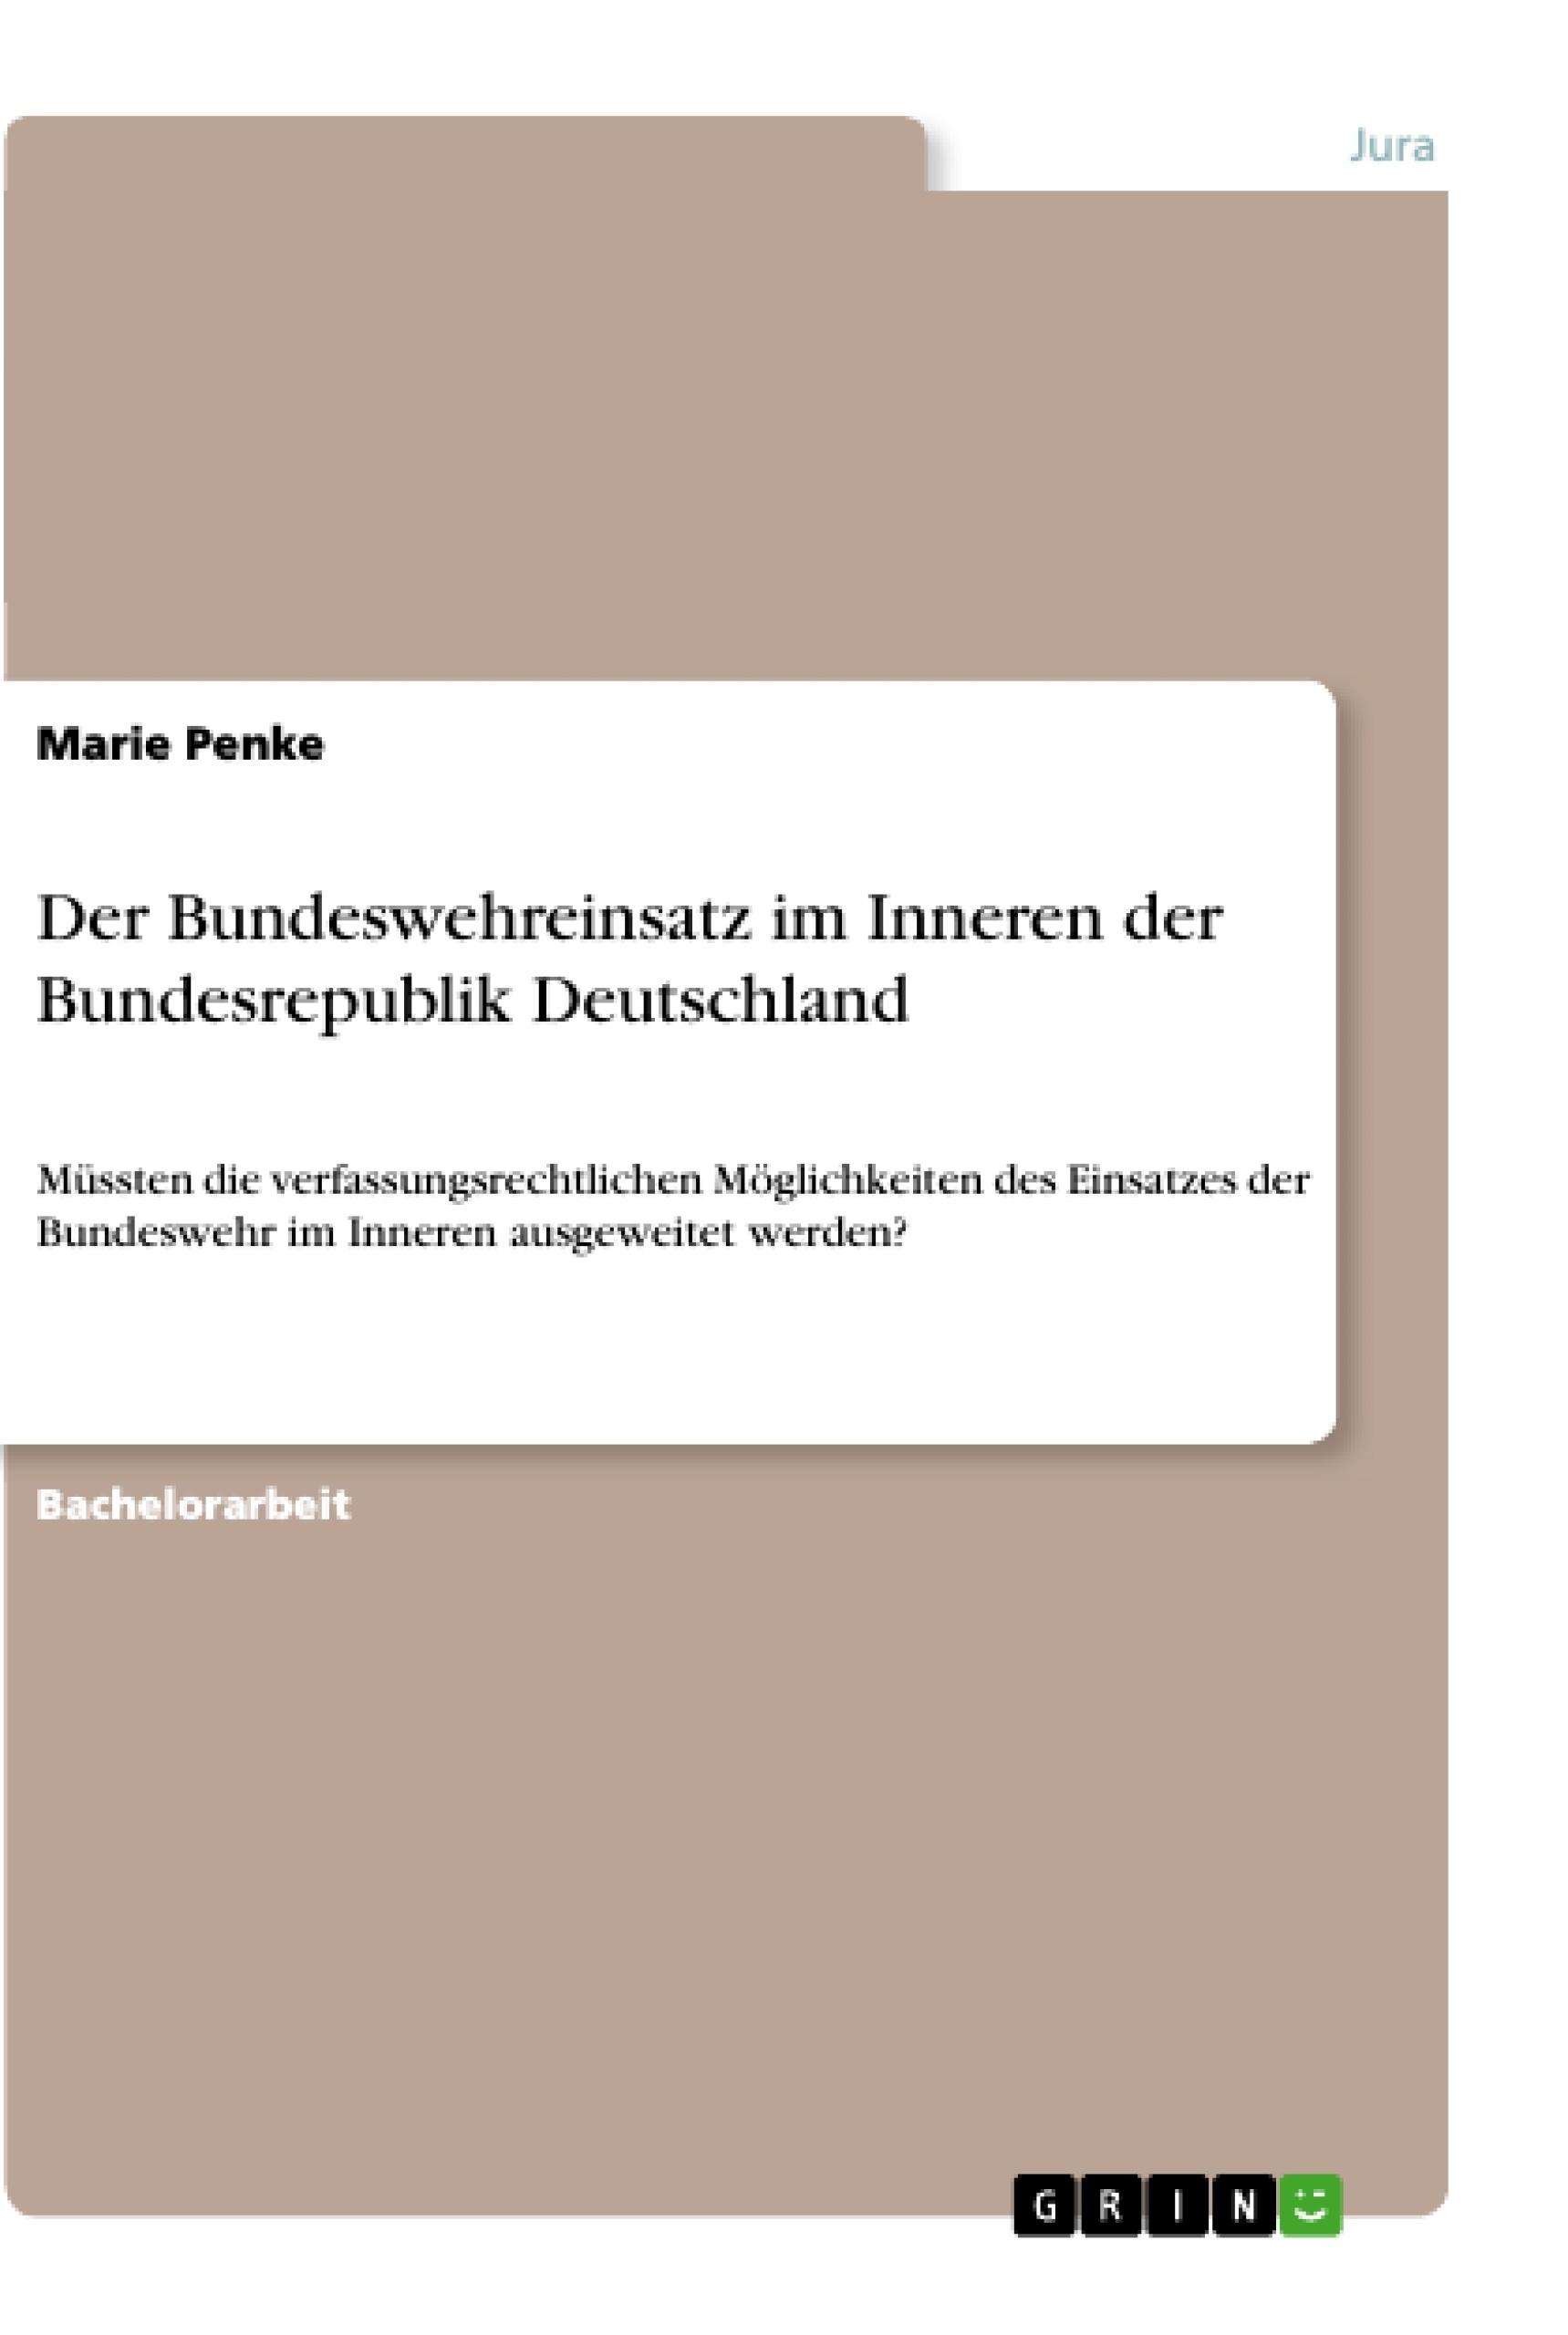 Titel: Der Bundeswehreinsatz im Inneren der Bundesrepublik Deutschland